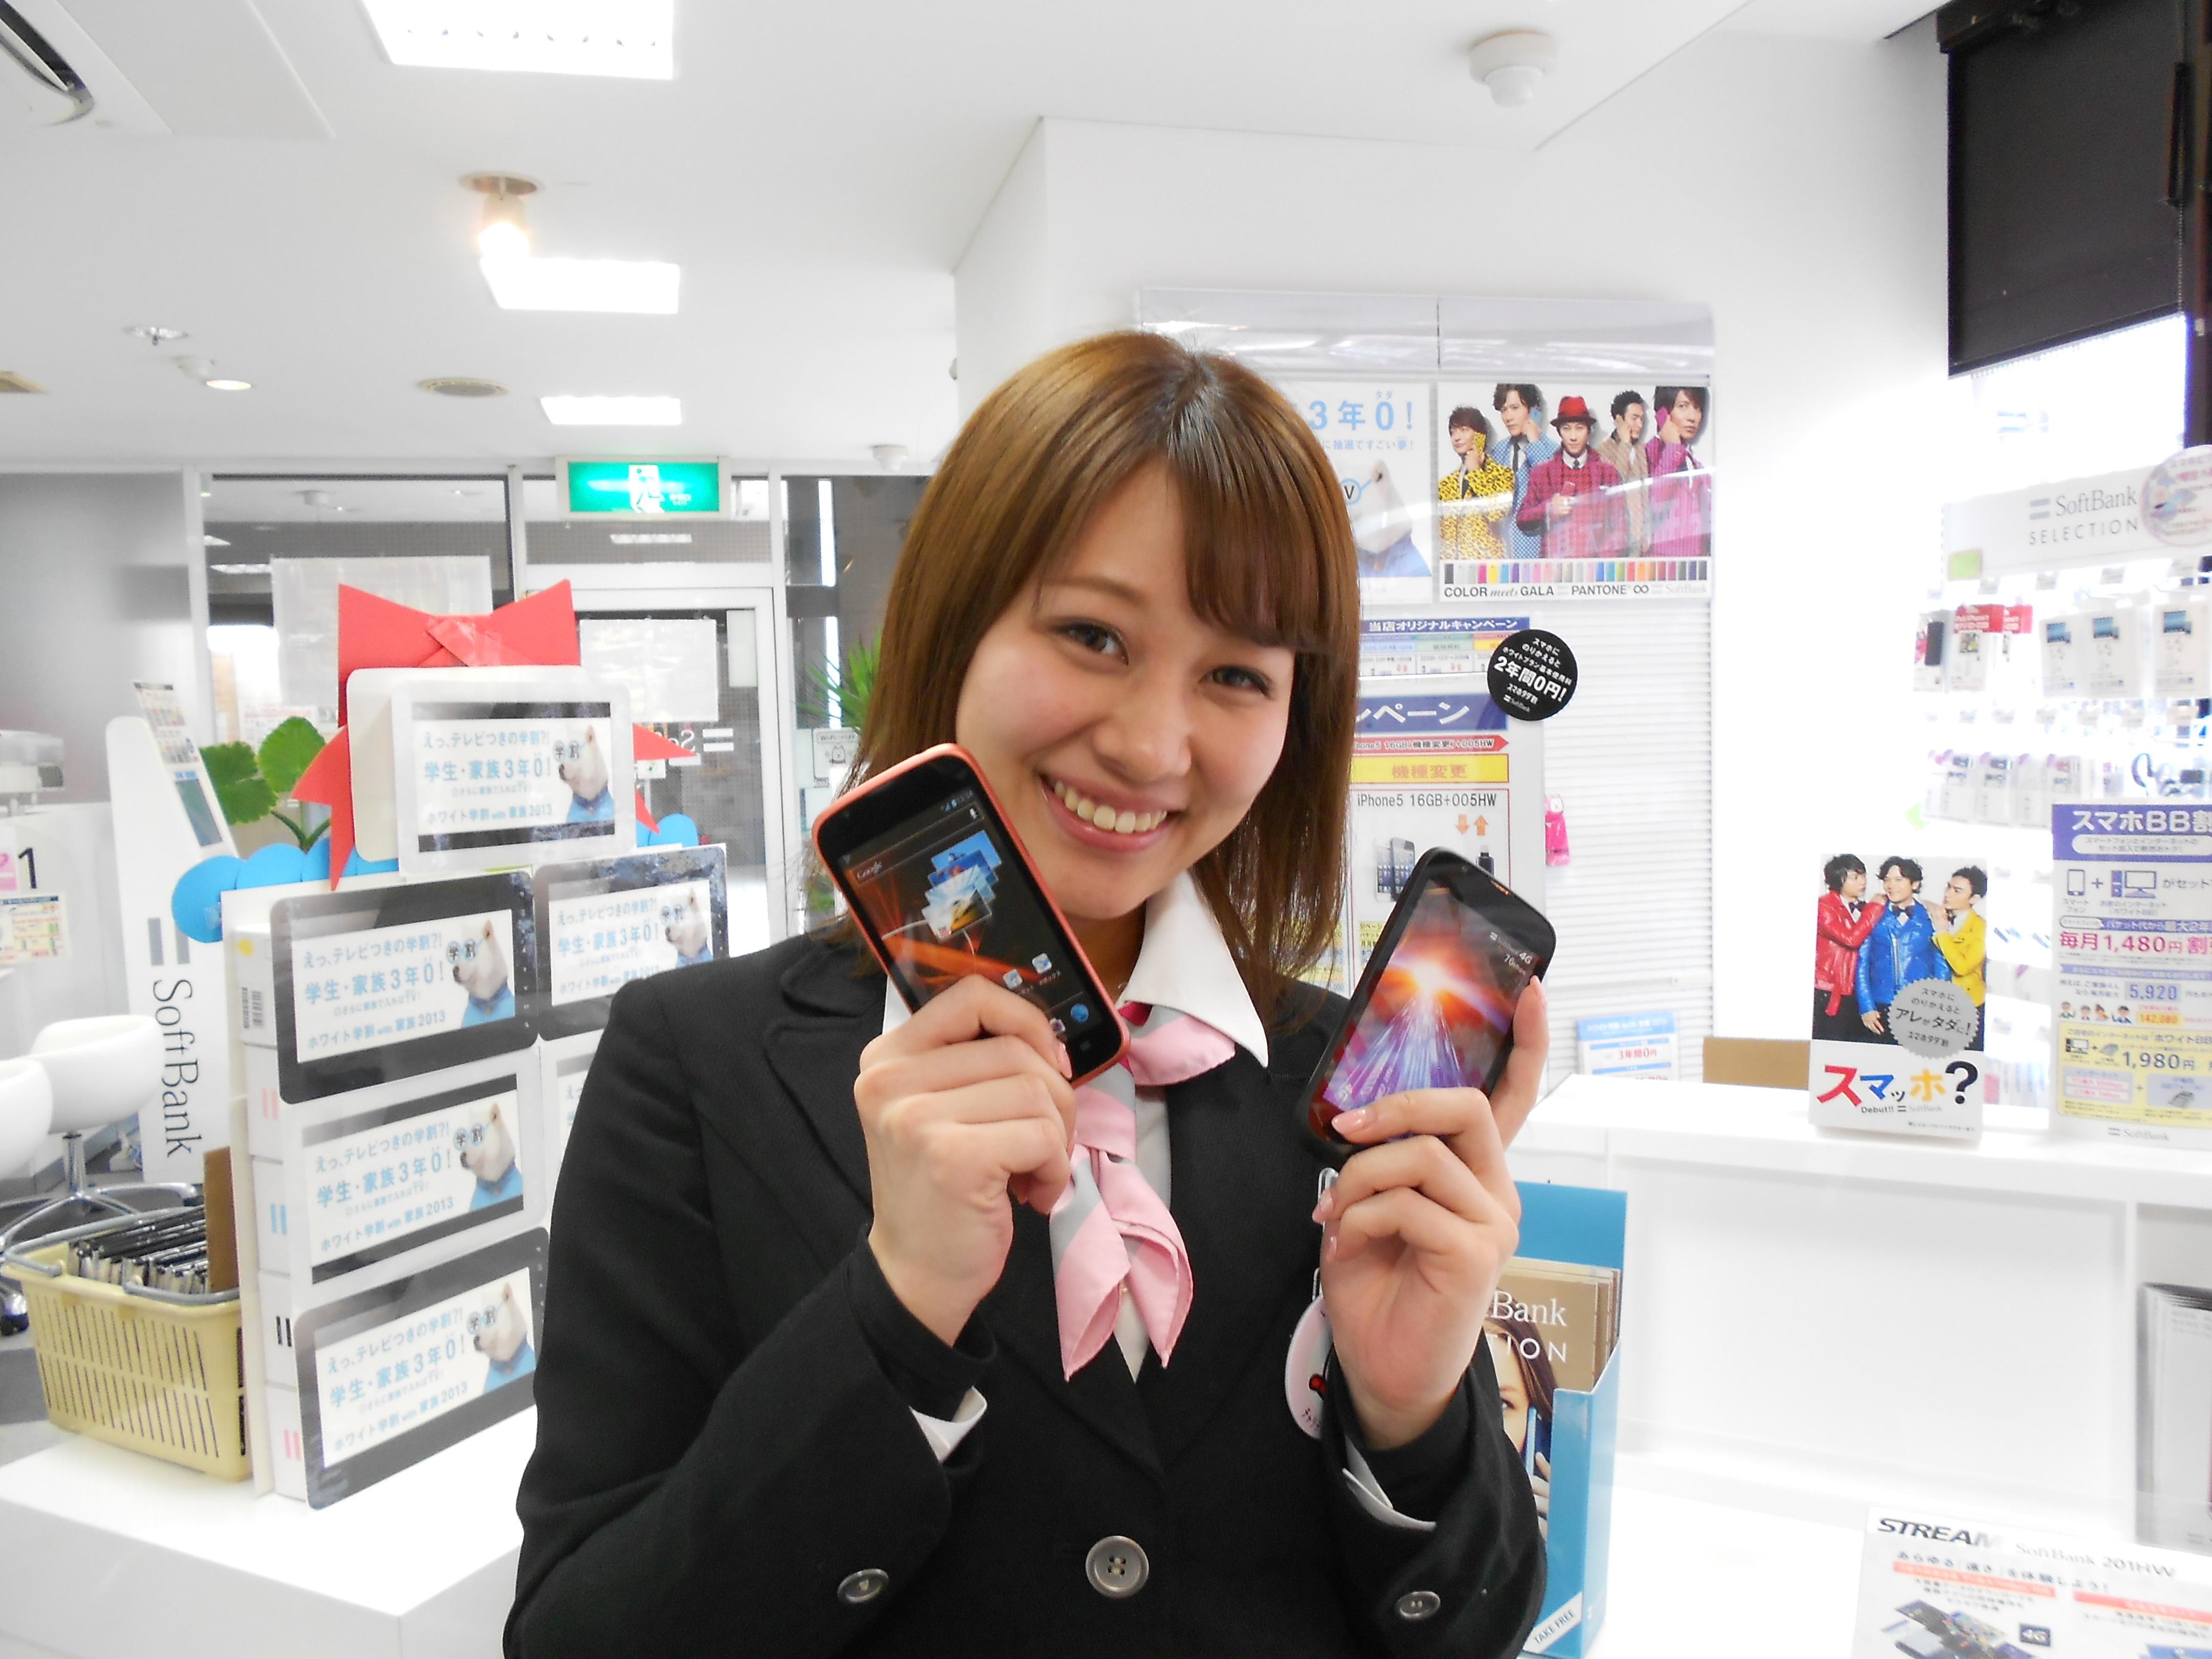 ソフトバンク 竜ヶ崎(株式会社シエロ)のアルバイト情報